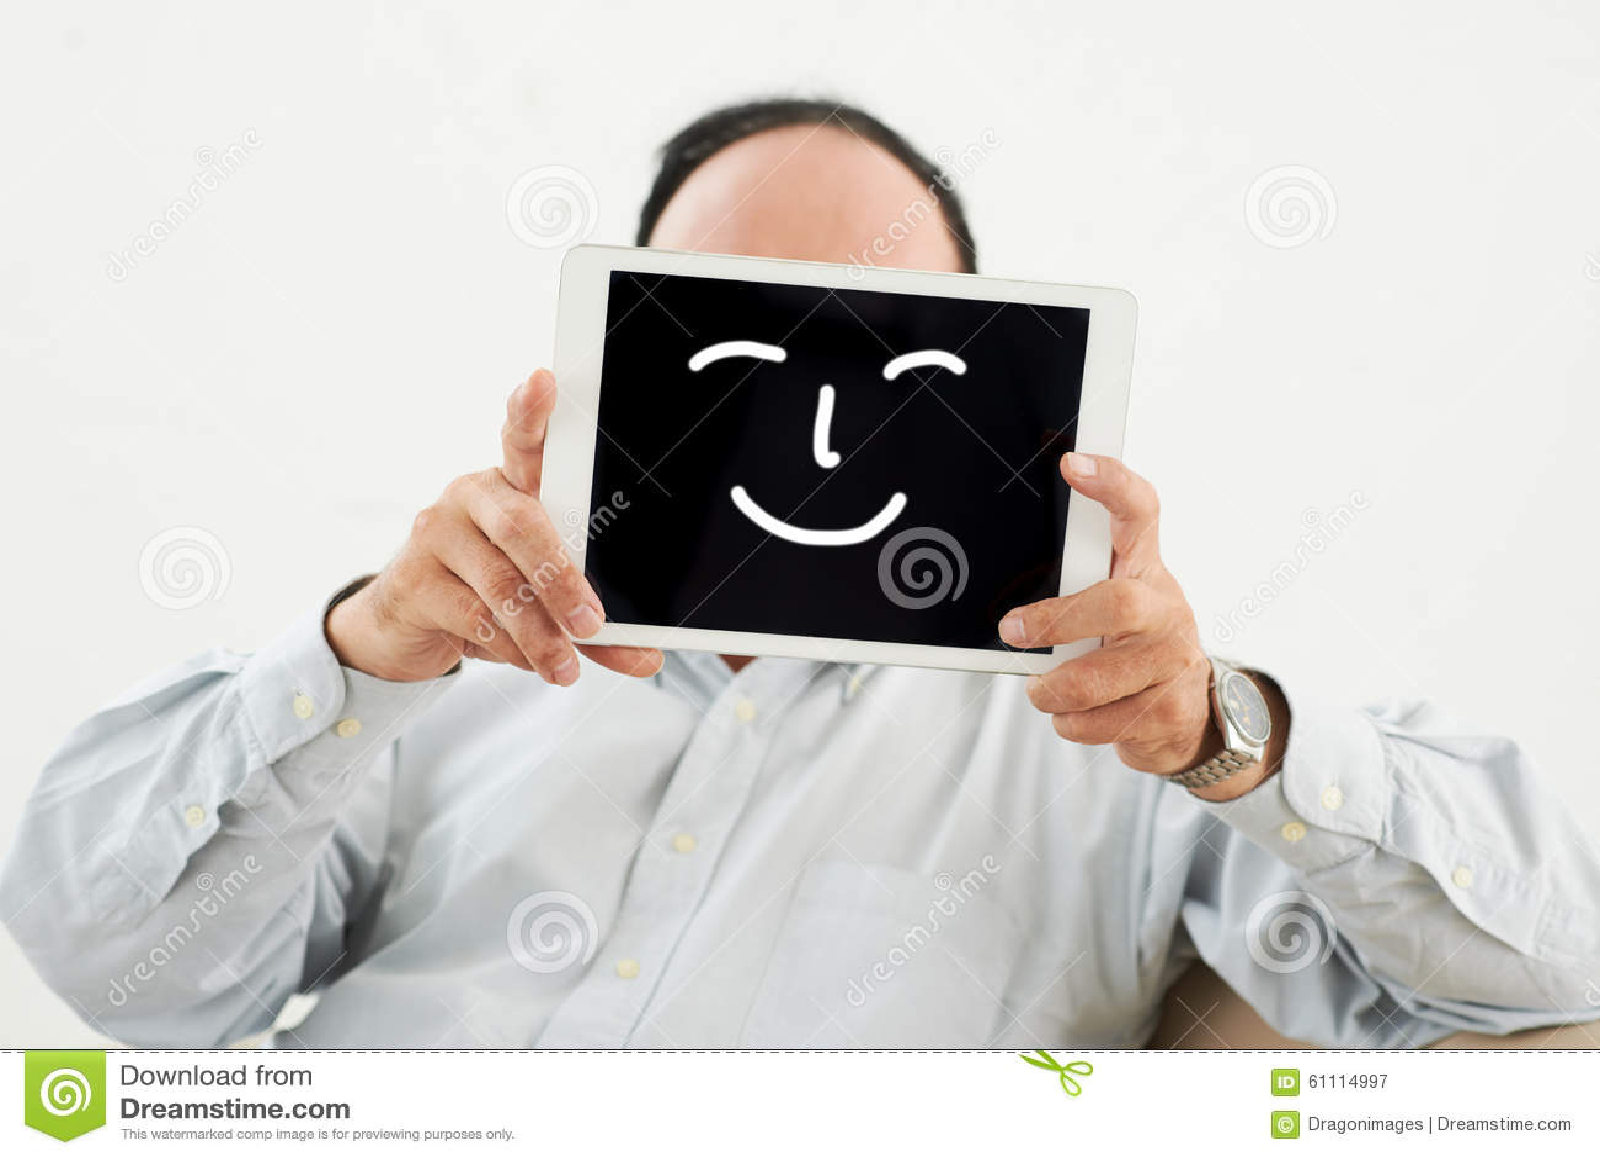 Artificial smile